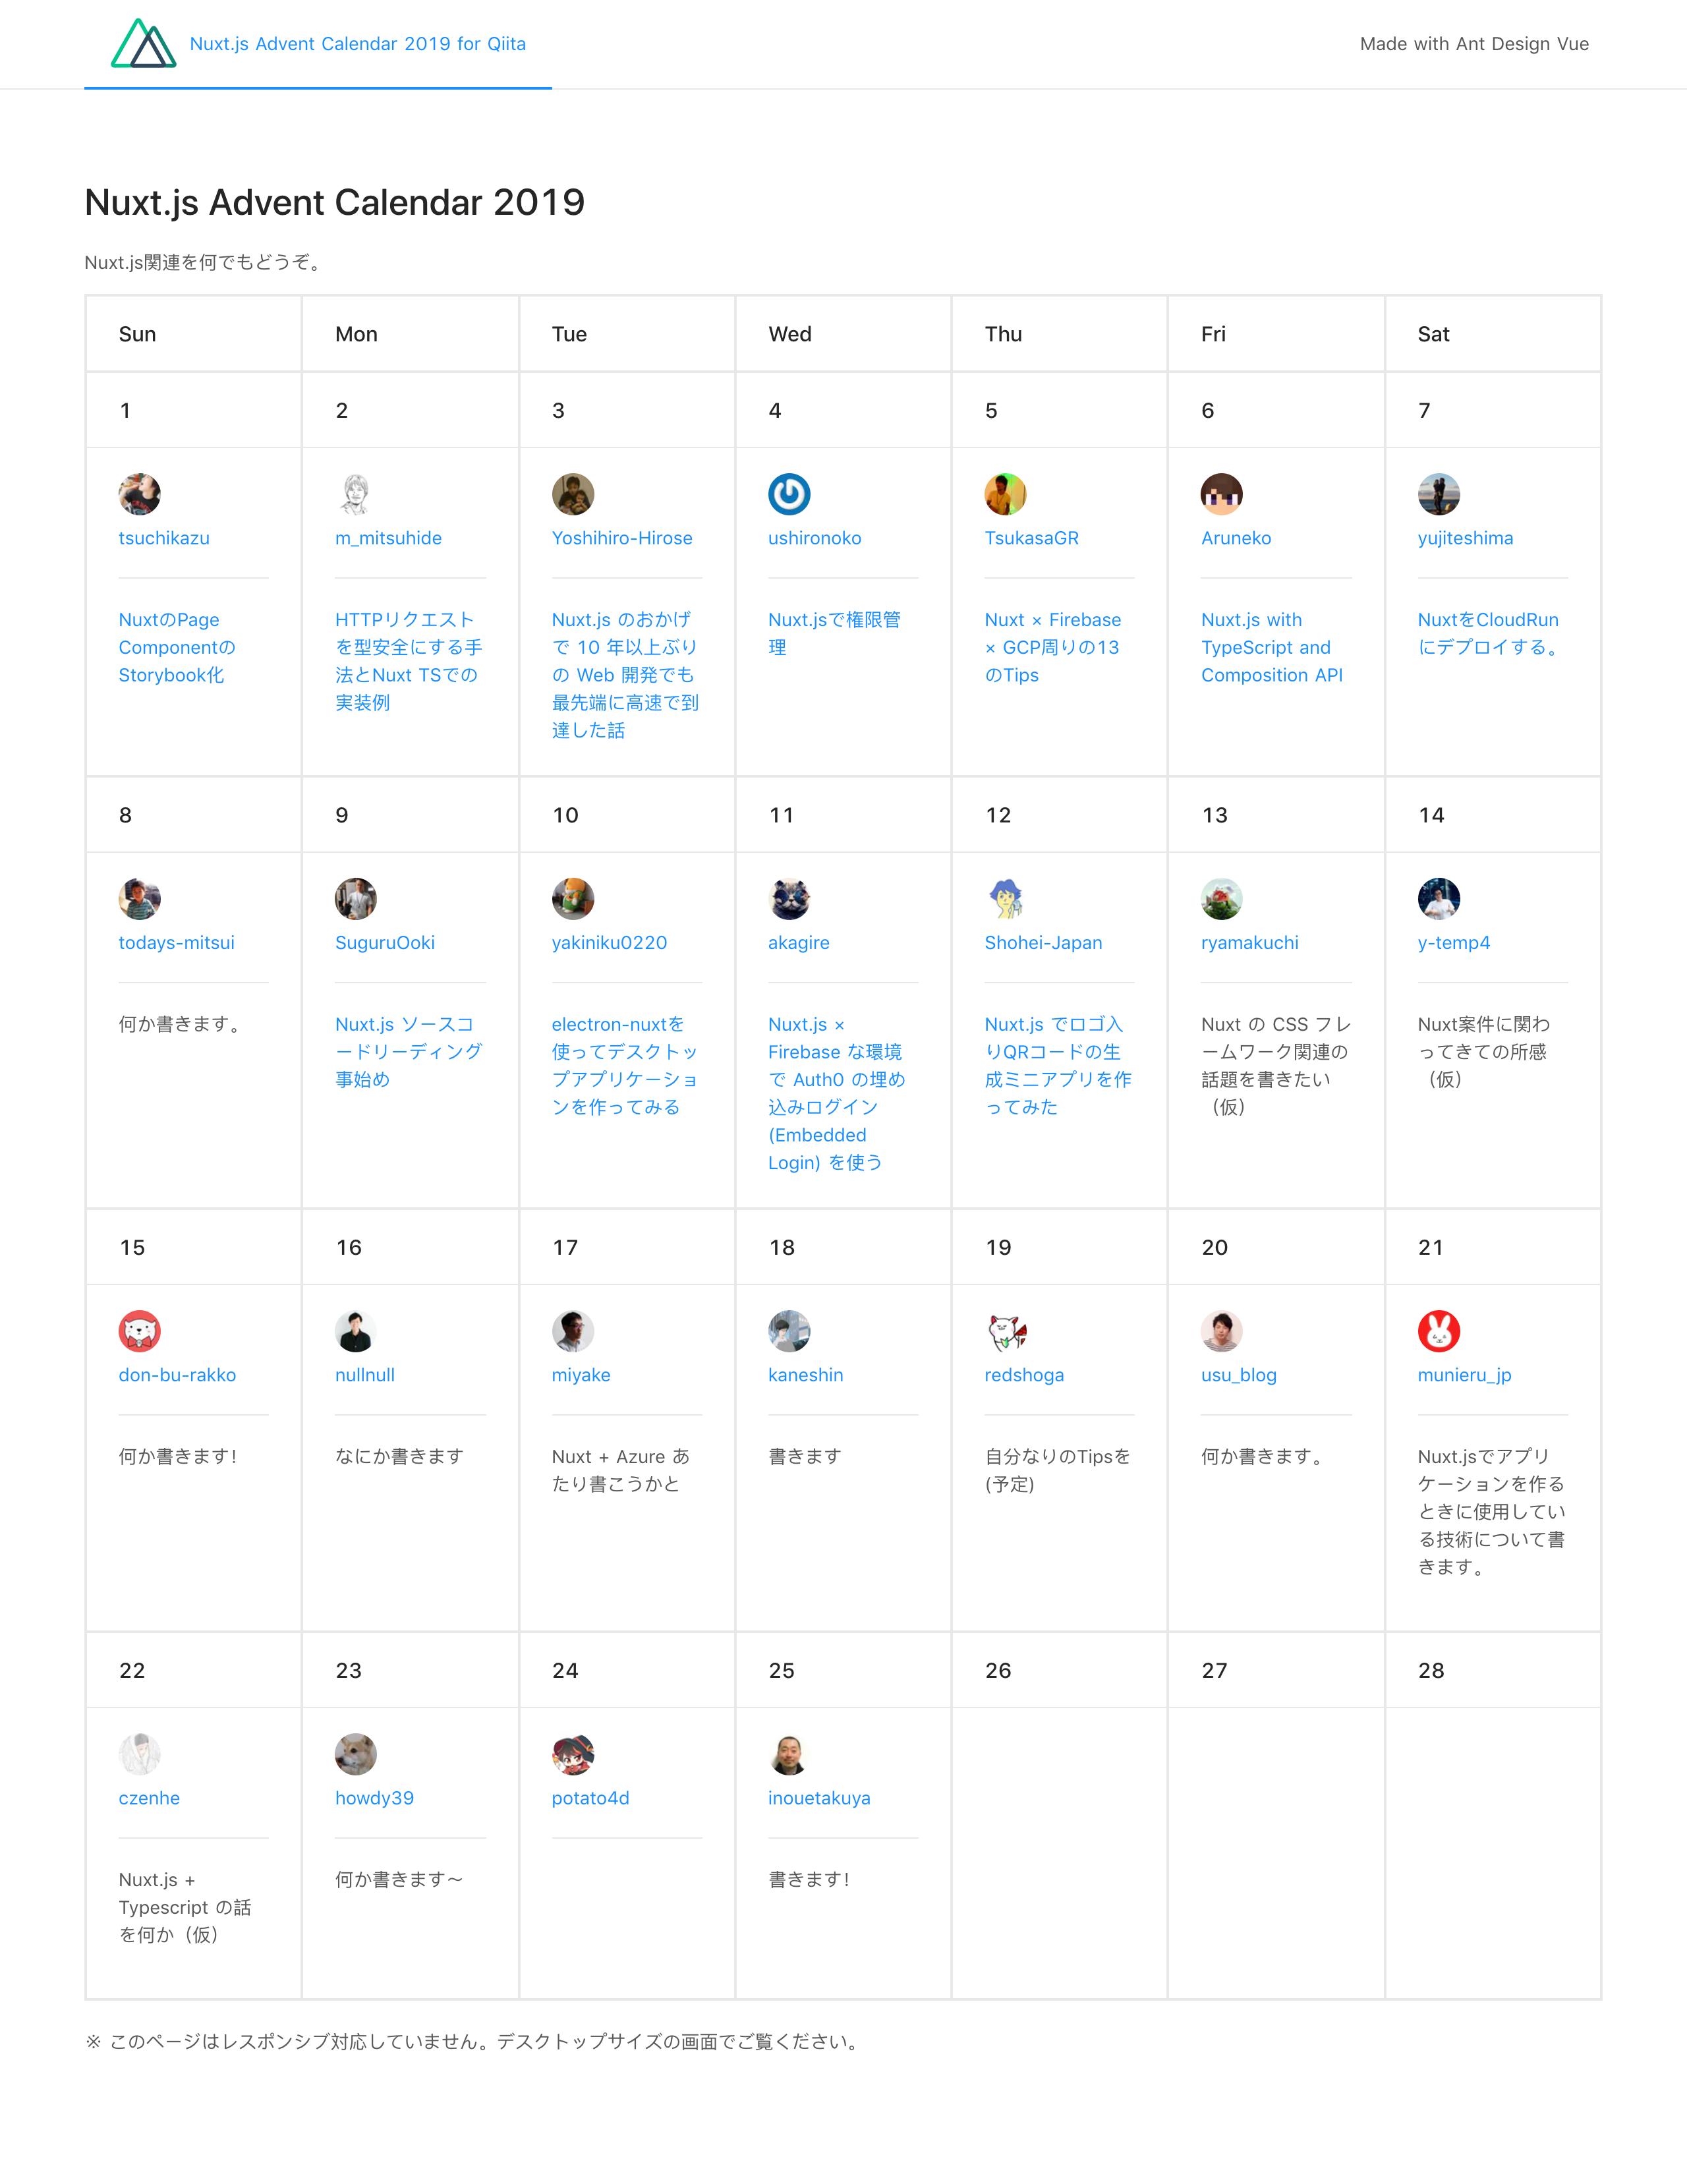 advent-calendar-2019-ant-design.netlify.com.png